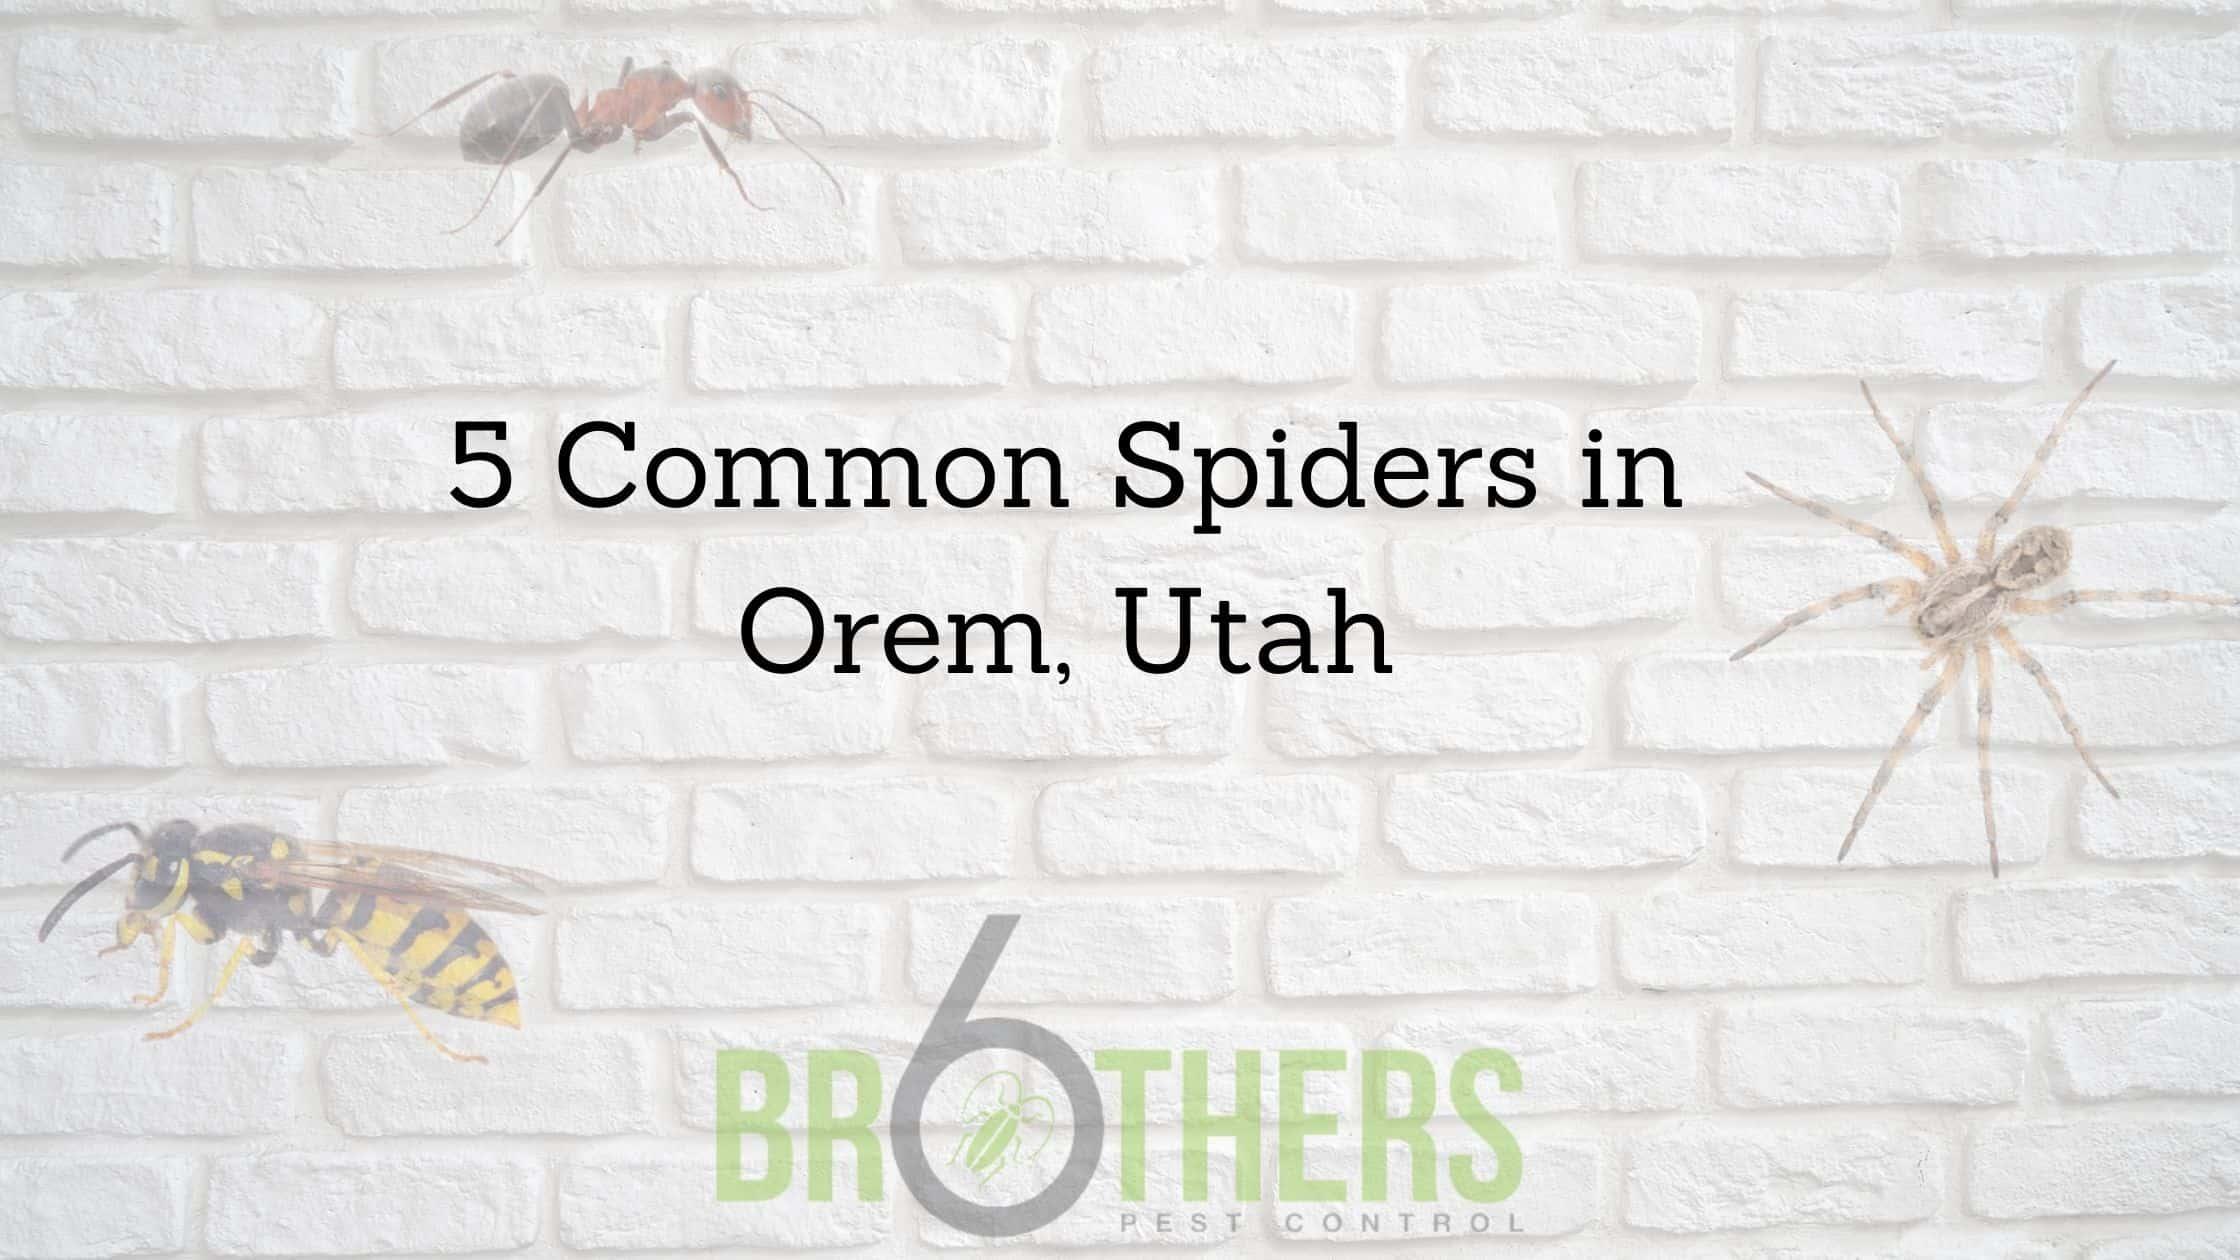 5 Common Spiders in Orem, Utah